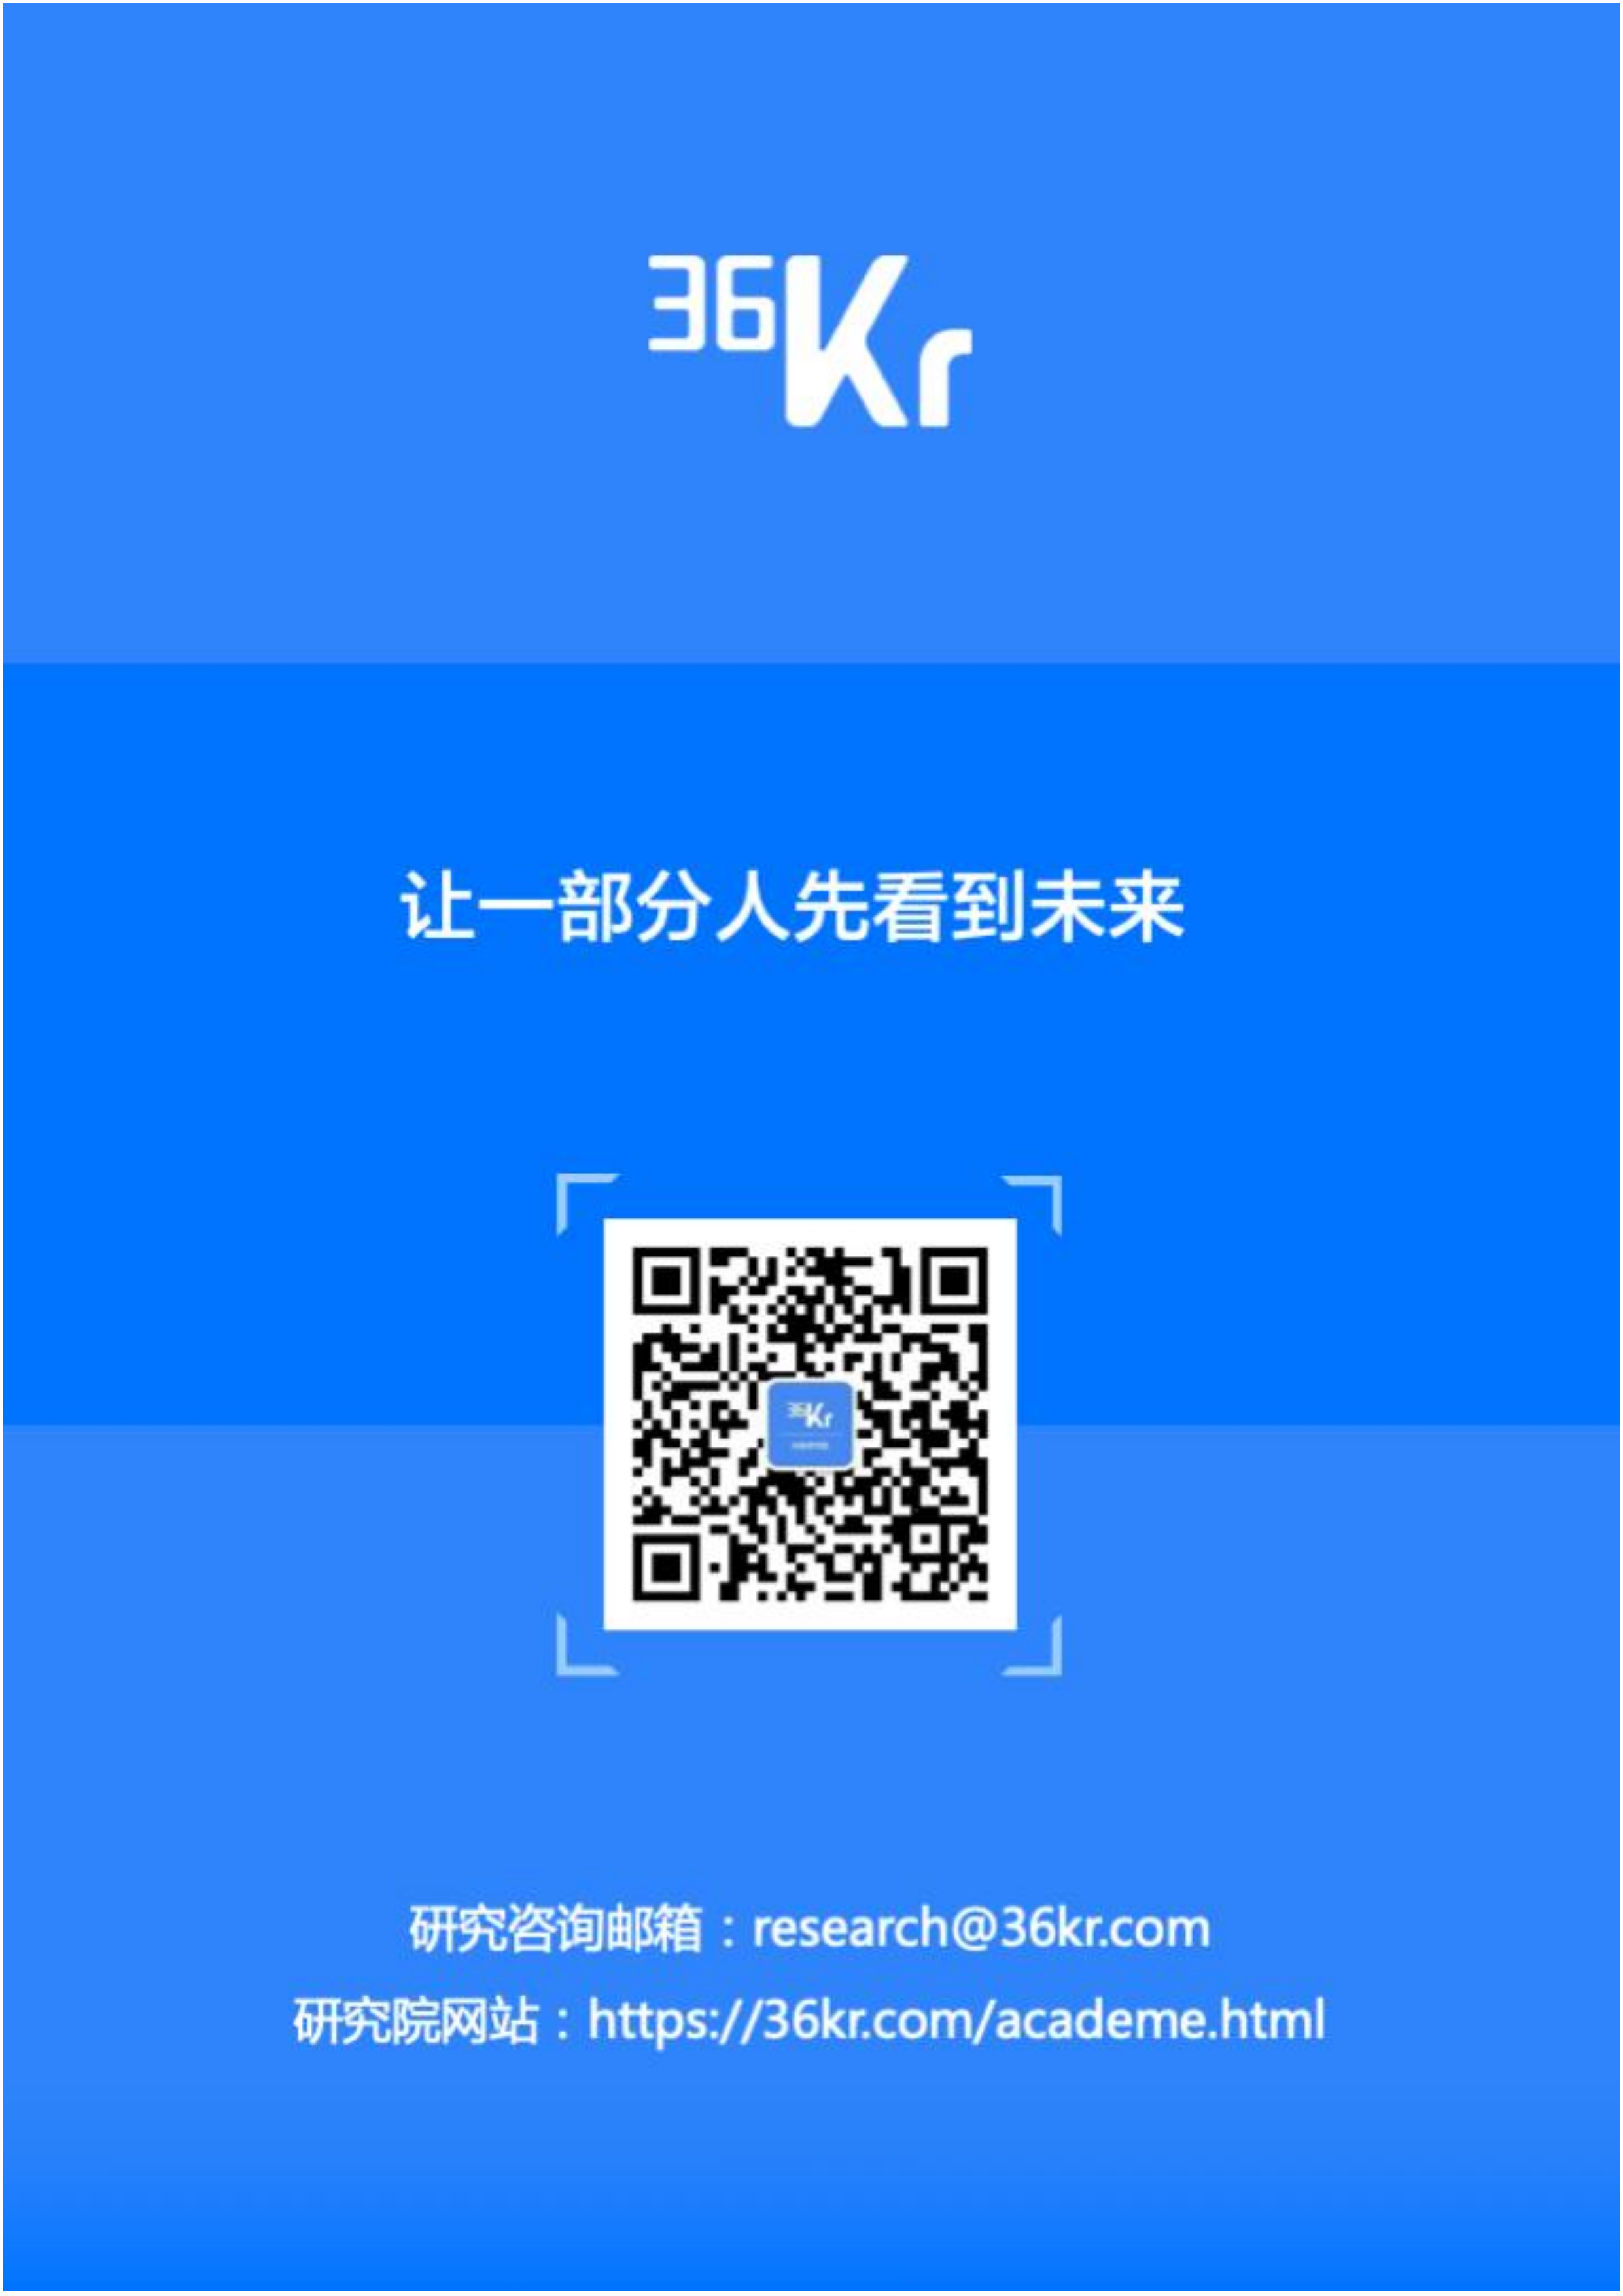 36氪研究院 - 新基建系列之:2020年中国城市数据中心发展指数报告-大菠萝官网(图56)